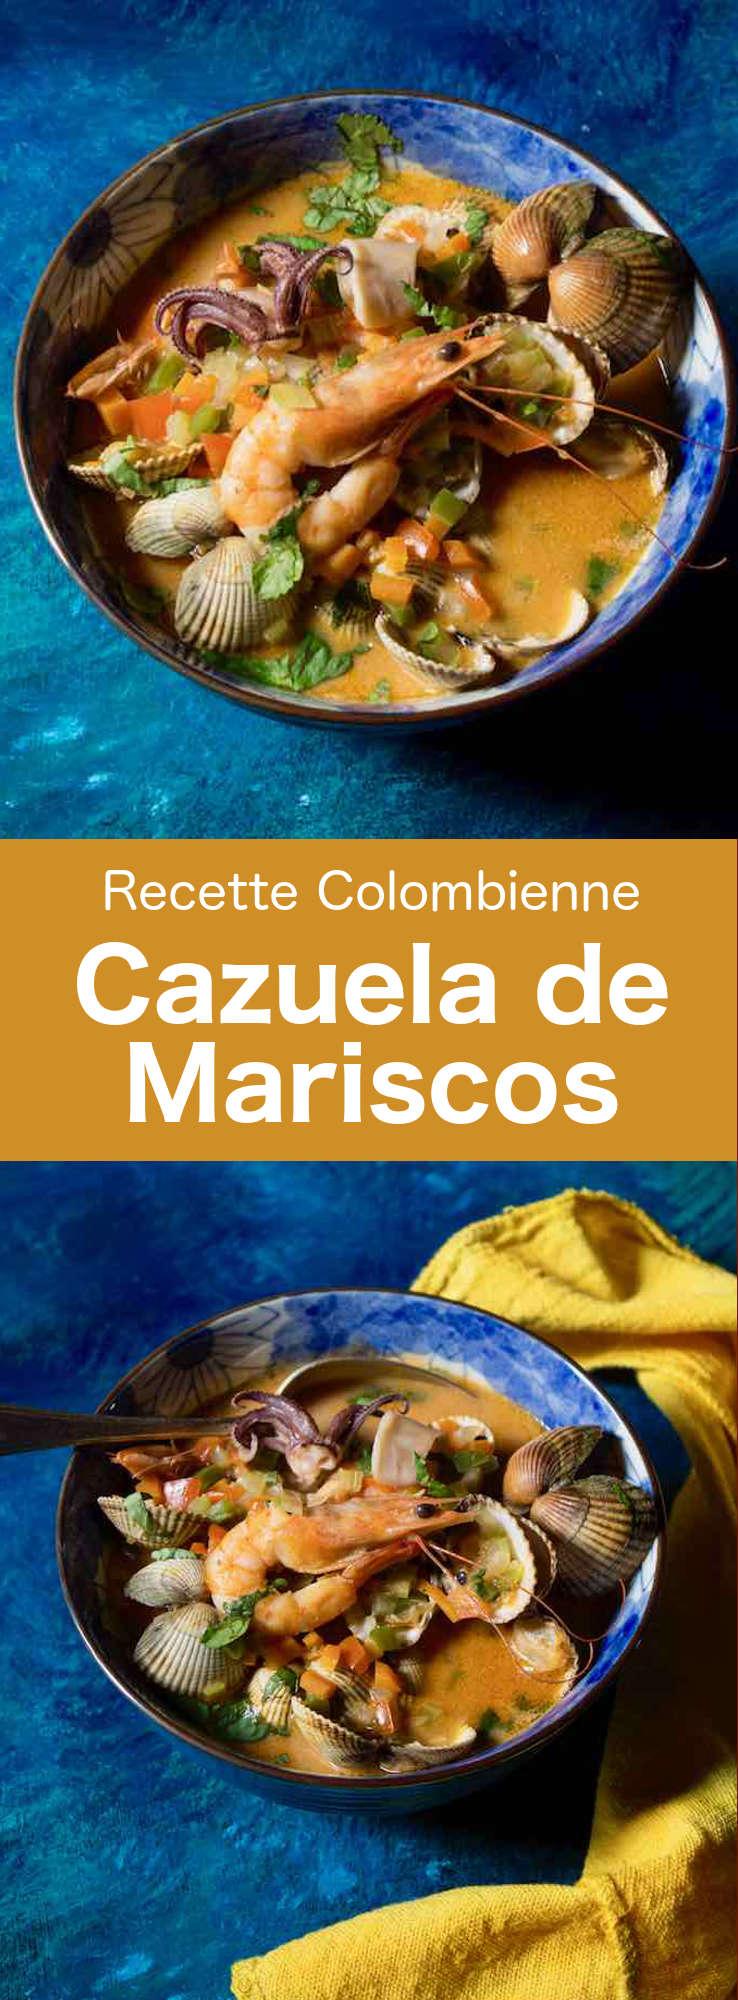 La cazuela de mariscos (casserole de fruits de mer) est un plat de la région caribéenne de la Colombie comprenant des fruits mer, du poisson et des légumes. #Colombie #CuisineColombienne #AmeriqueLatine #CuisineLatine #CuisineDuMonde #196flavors